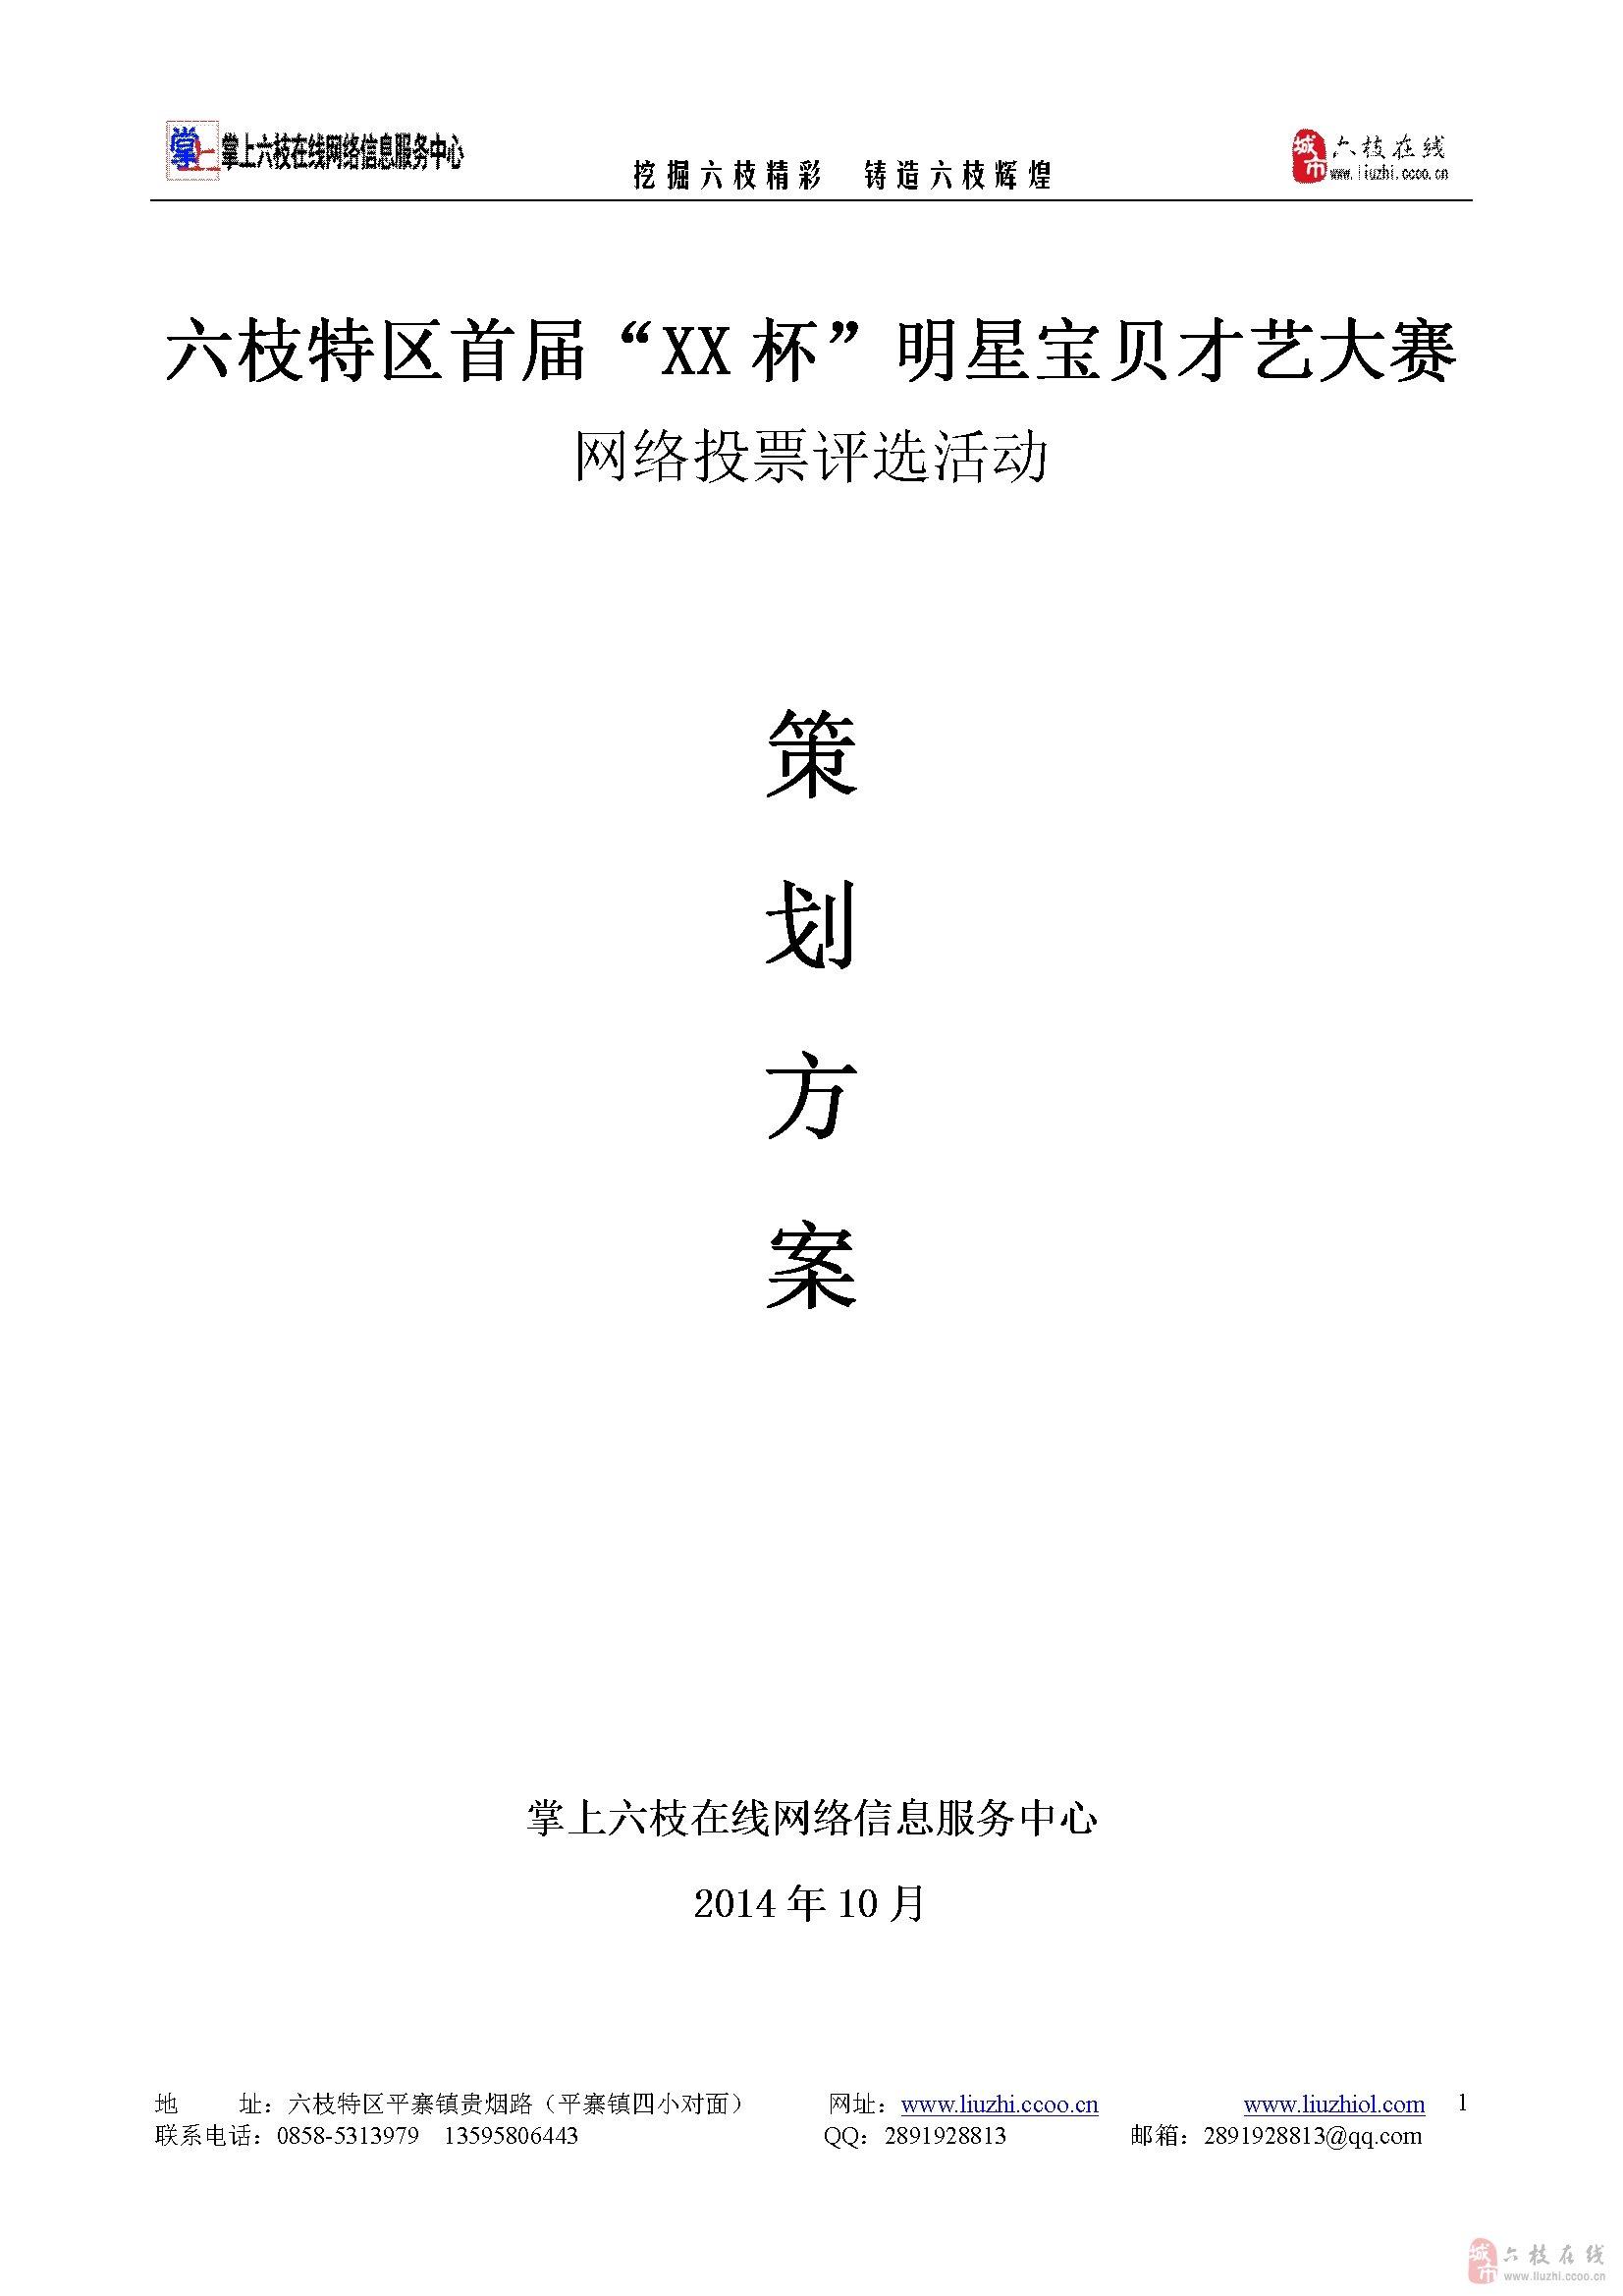 六枝特区首届明星宝贝才艺大赛详情